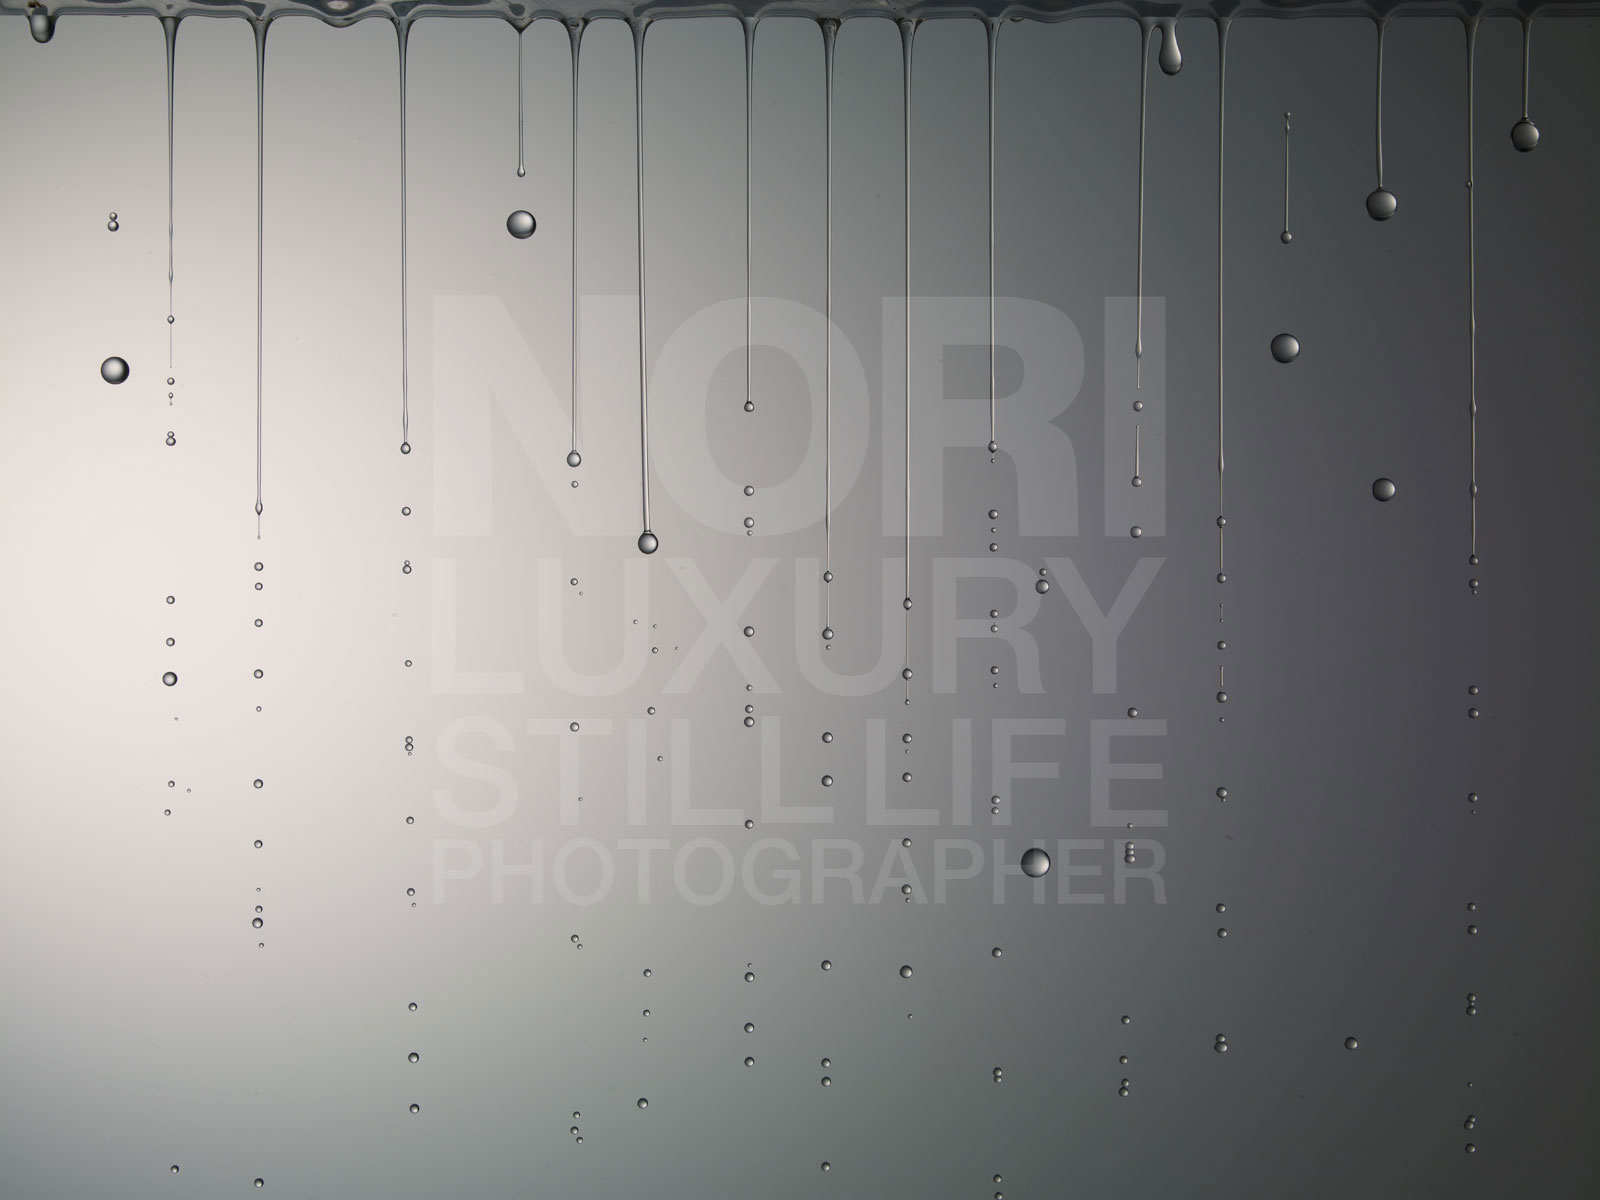 61d_091110_waterdrop-17858.jpg